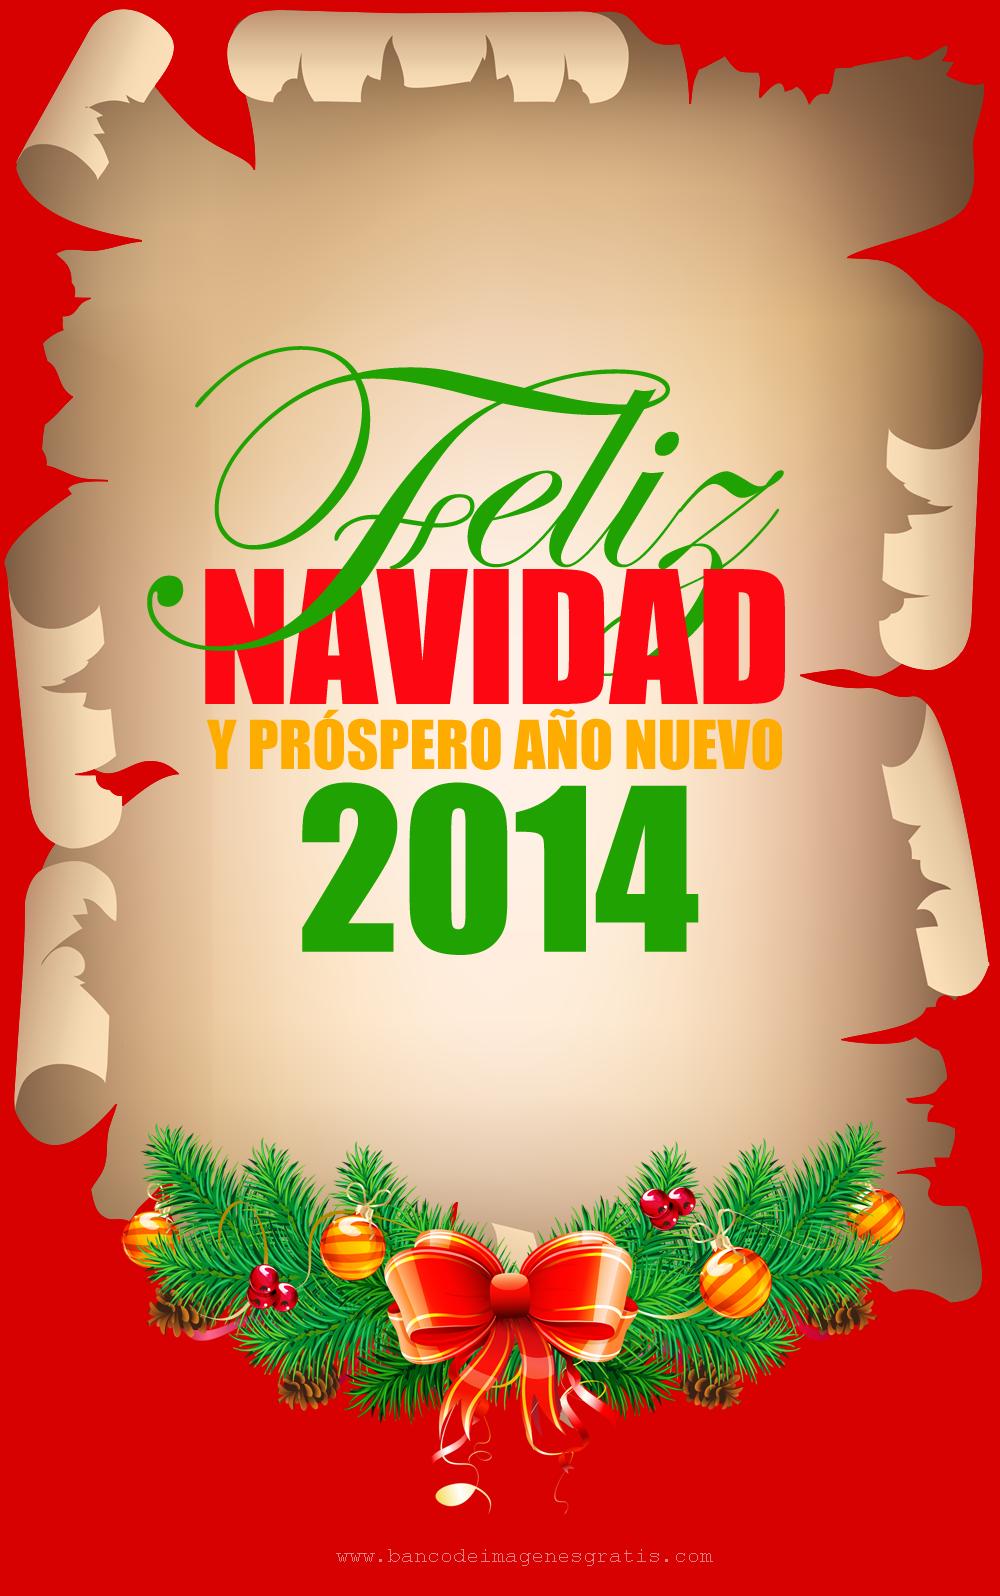 Las mejores frases para publicar en fb frases de navidad - Frases de feliz navidad y prospero ano nuevo ...